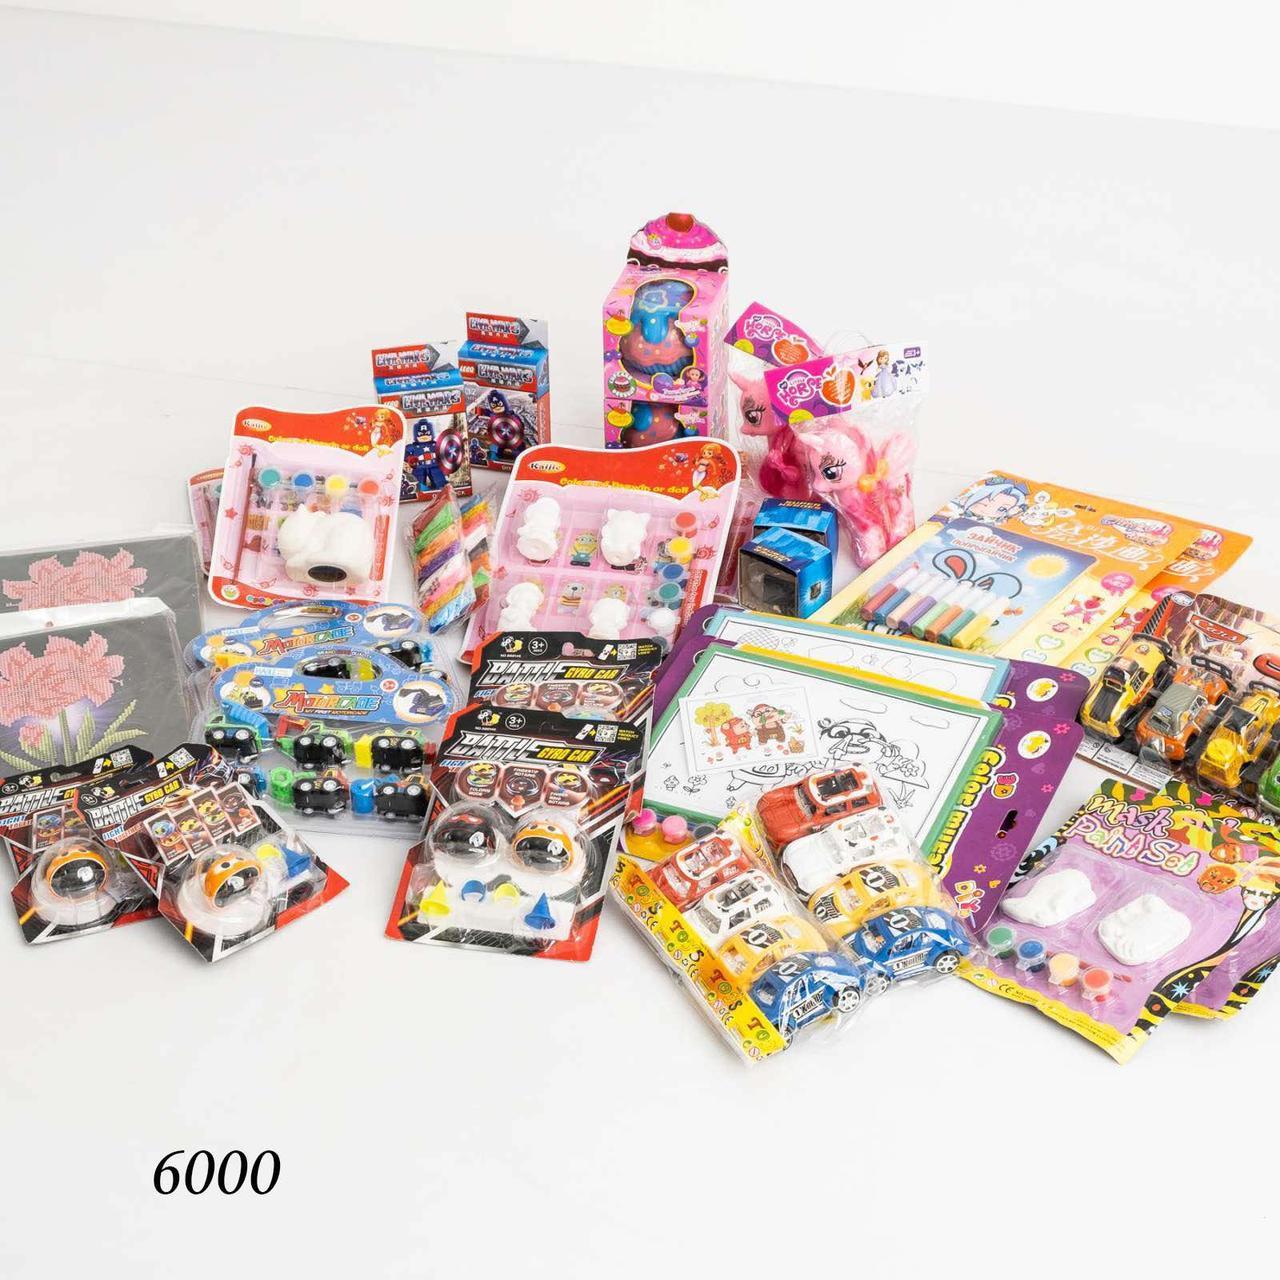 Игрушка детская в хорошем ассортименте по супер цене 20грн /единица